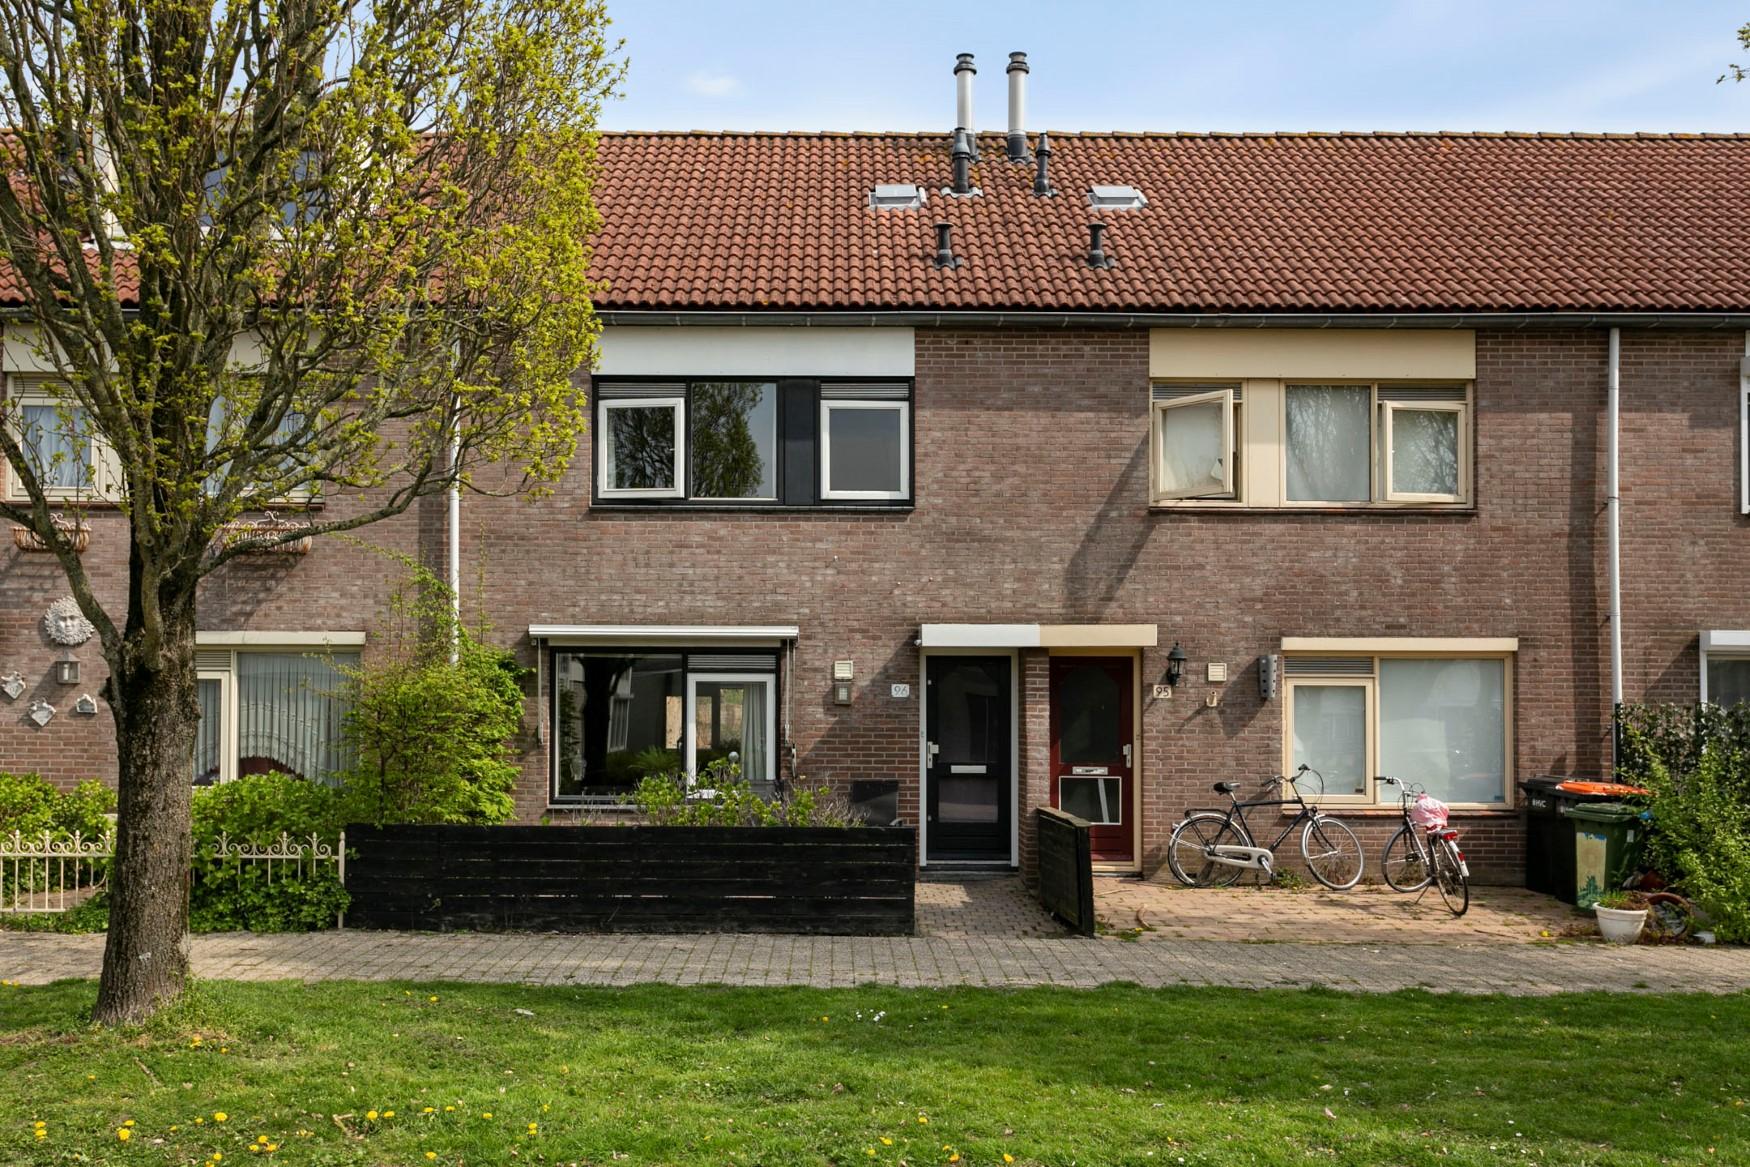 5fee62c7f54 VERKOCHT ONDER VOORBEHOUD: Moerbalk 96, Hoorn - Westfries Goed ...